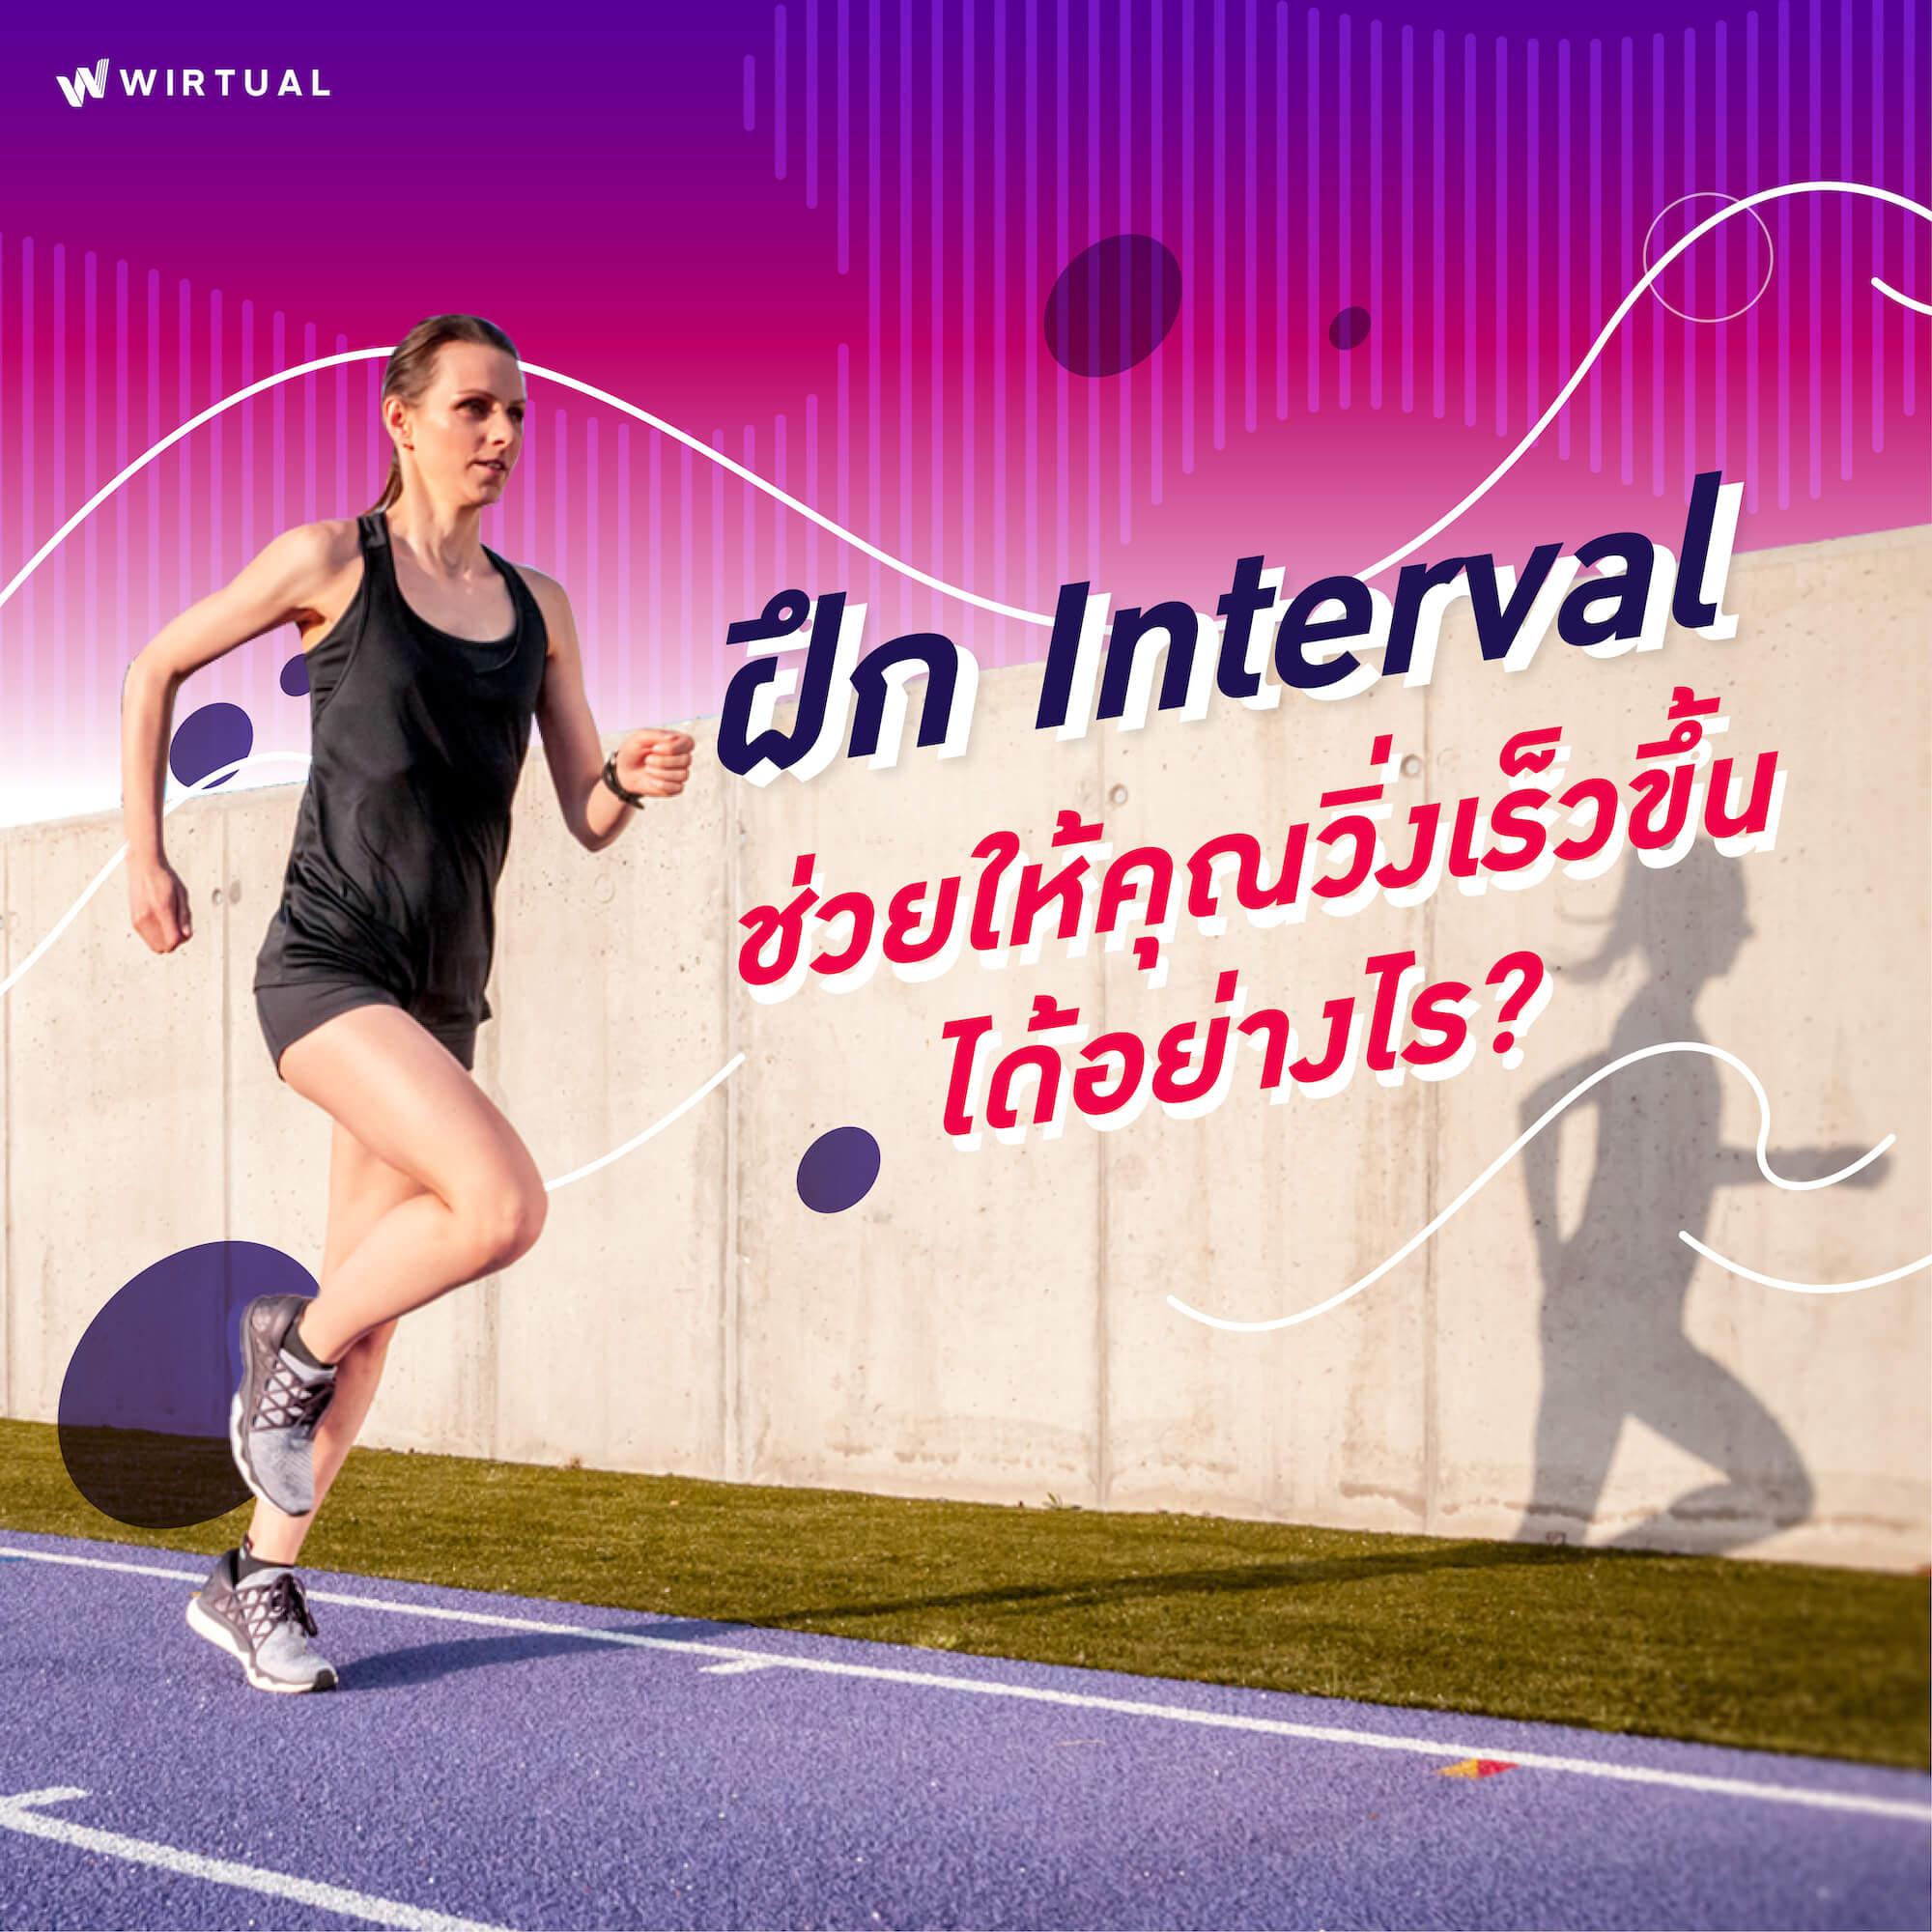 ฝึก Interval ช่วยให้คุณวิ่งเร็วขึ้นได้อย่างไร ?